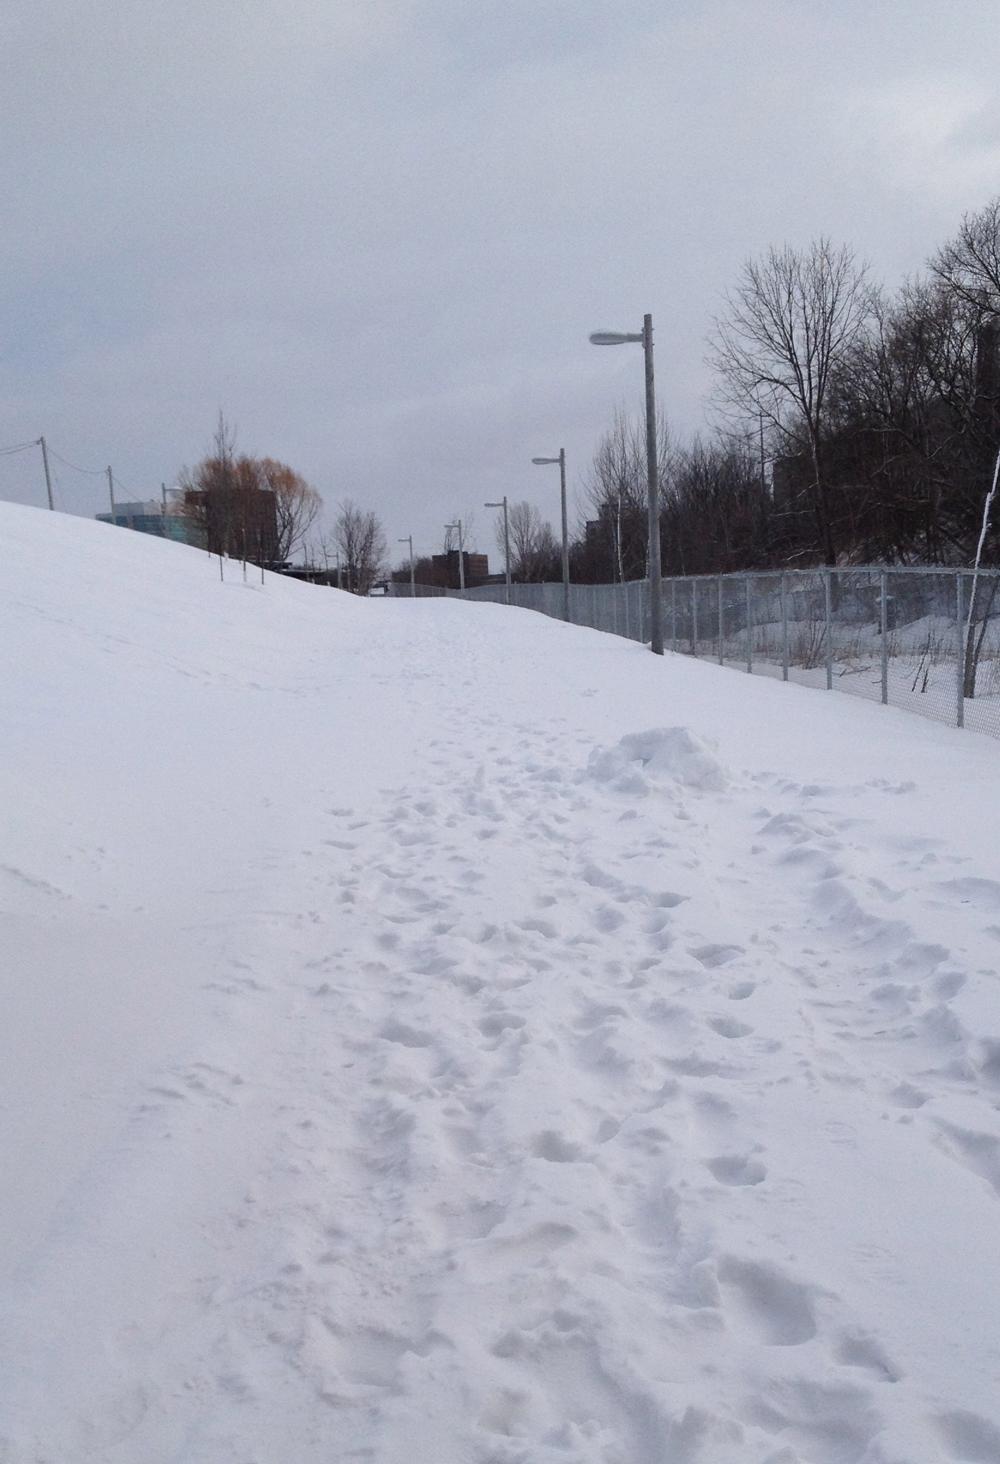 O-Train path in the winter